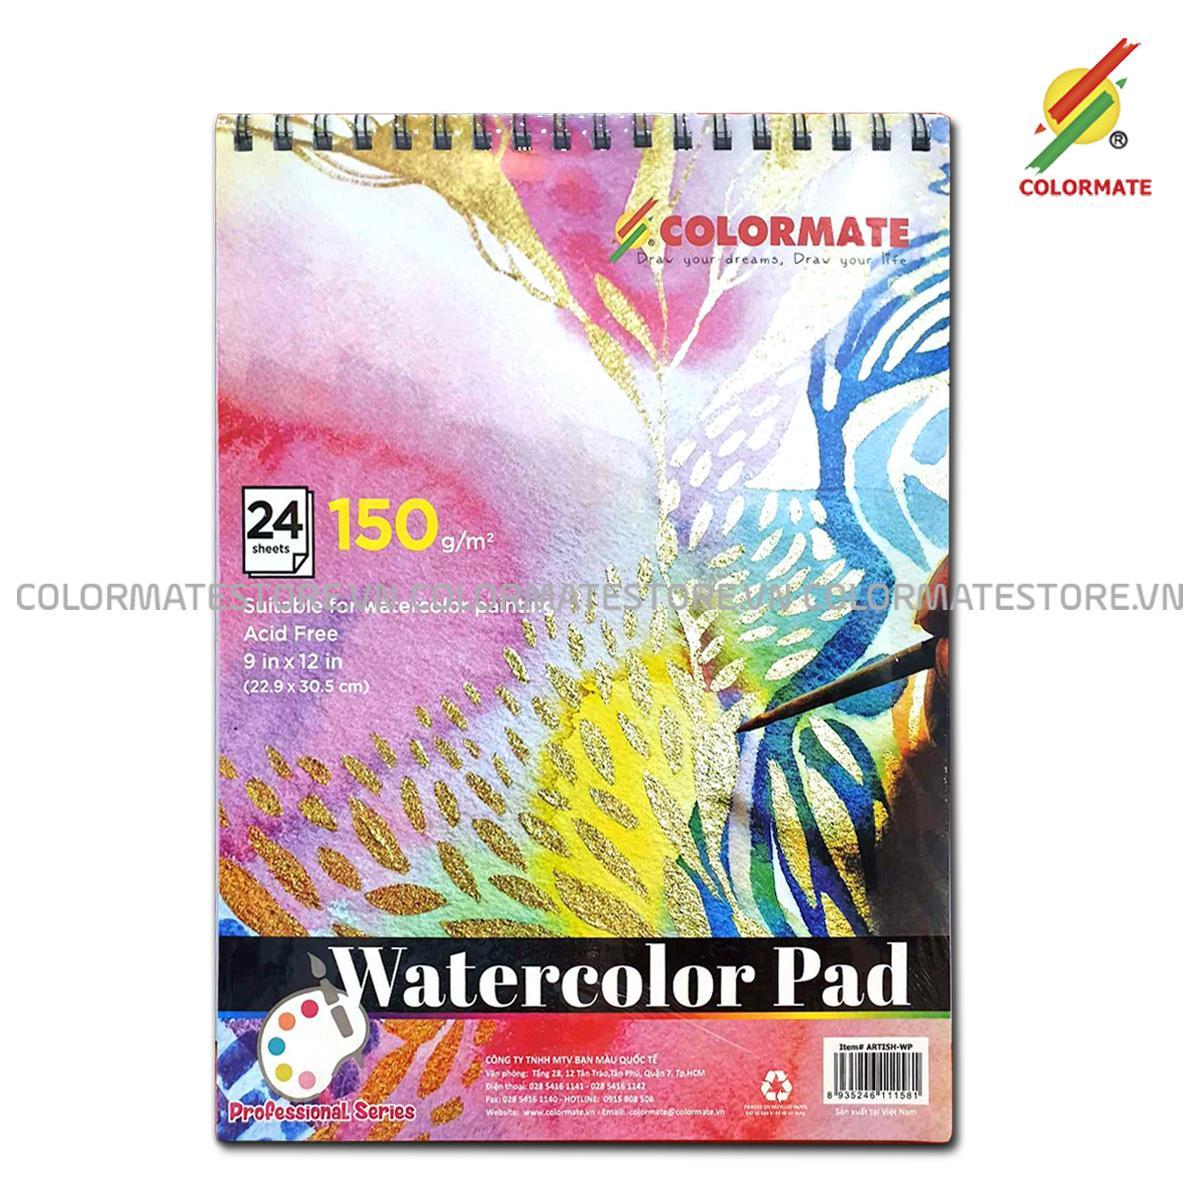 Tập Giấy Vẽ Watercolor Pad A4 Định Lượng 150GMS 24 Tờ Bất Ngờ Giảm Giá